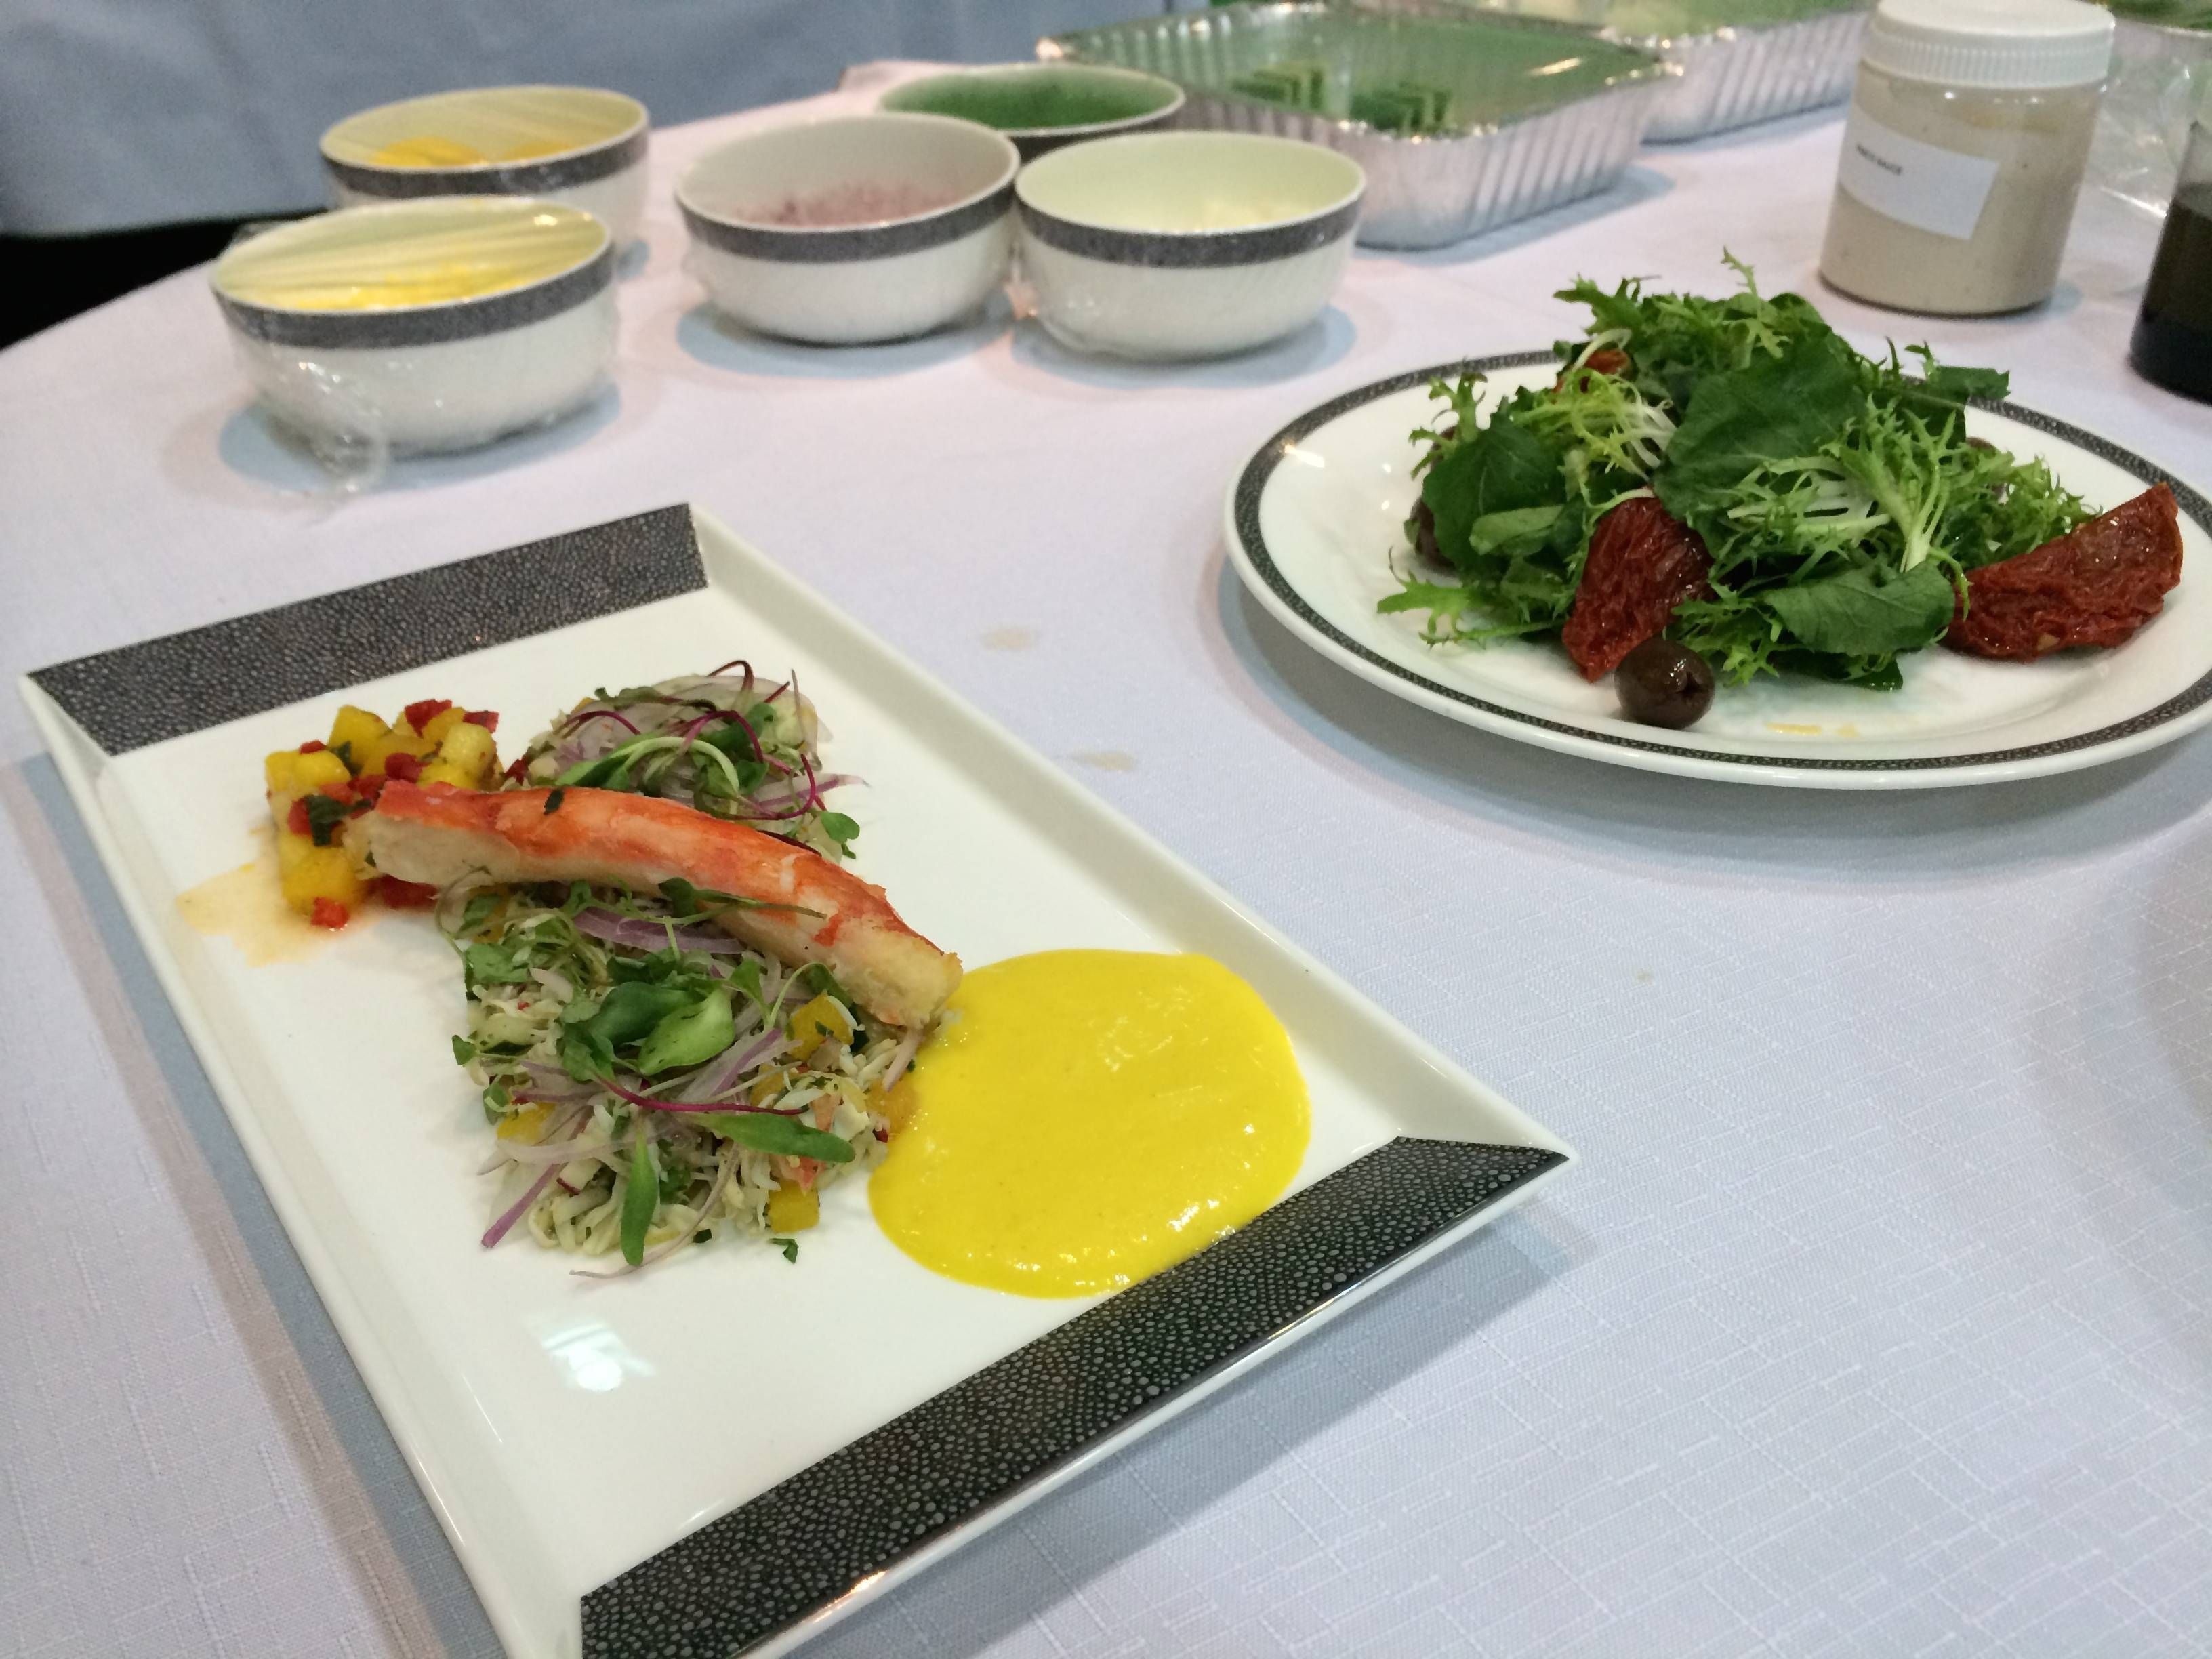 singapore menu presentation primeira classe degustacao passageirodeprimeira